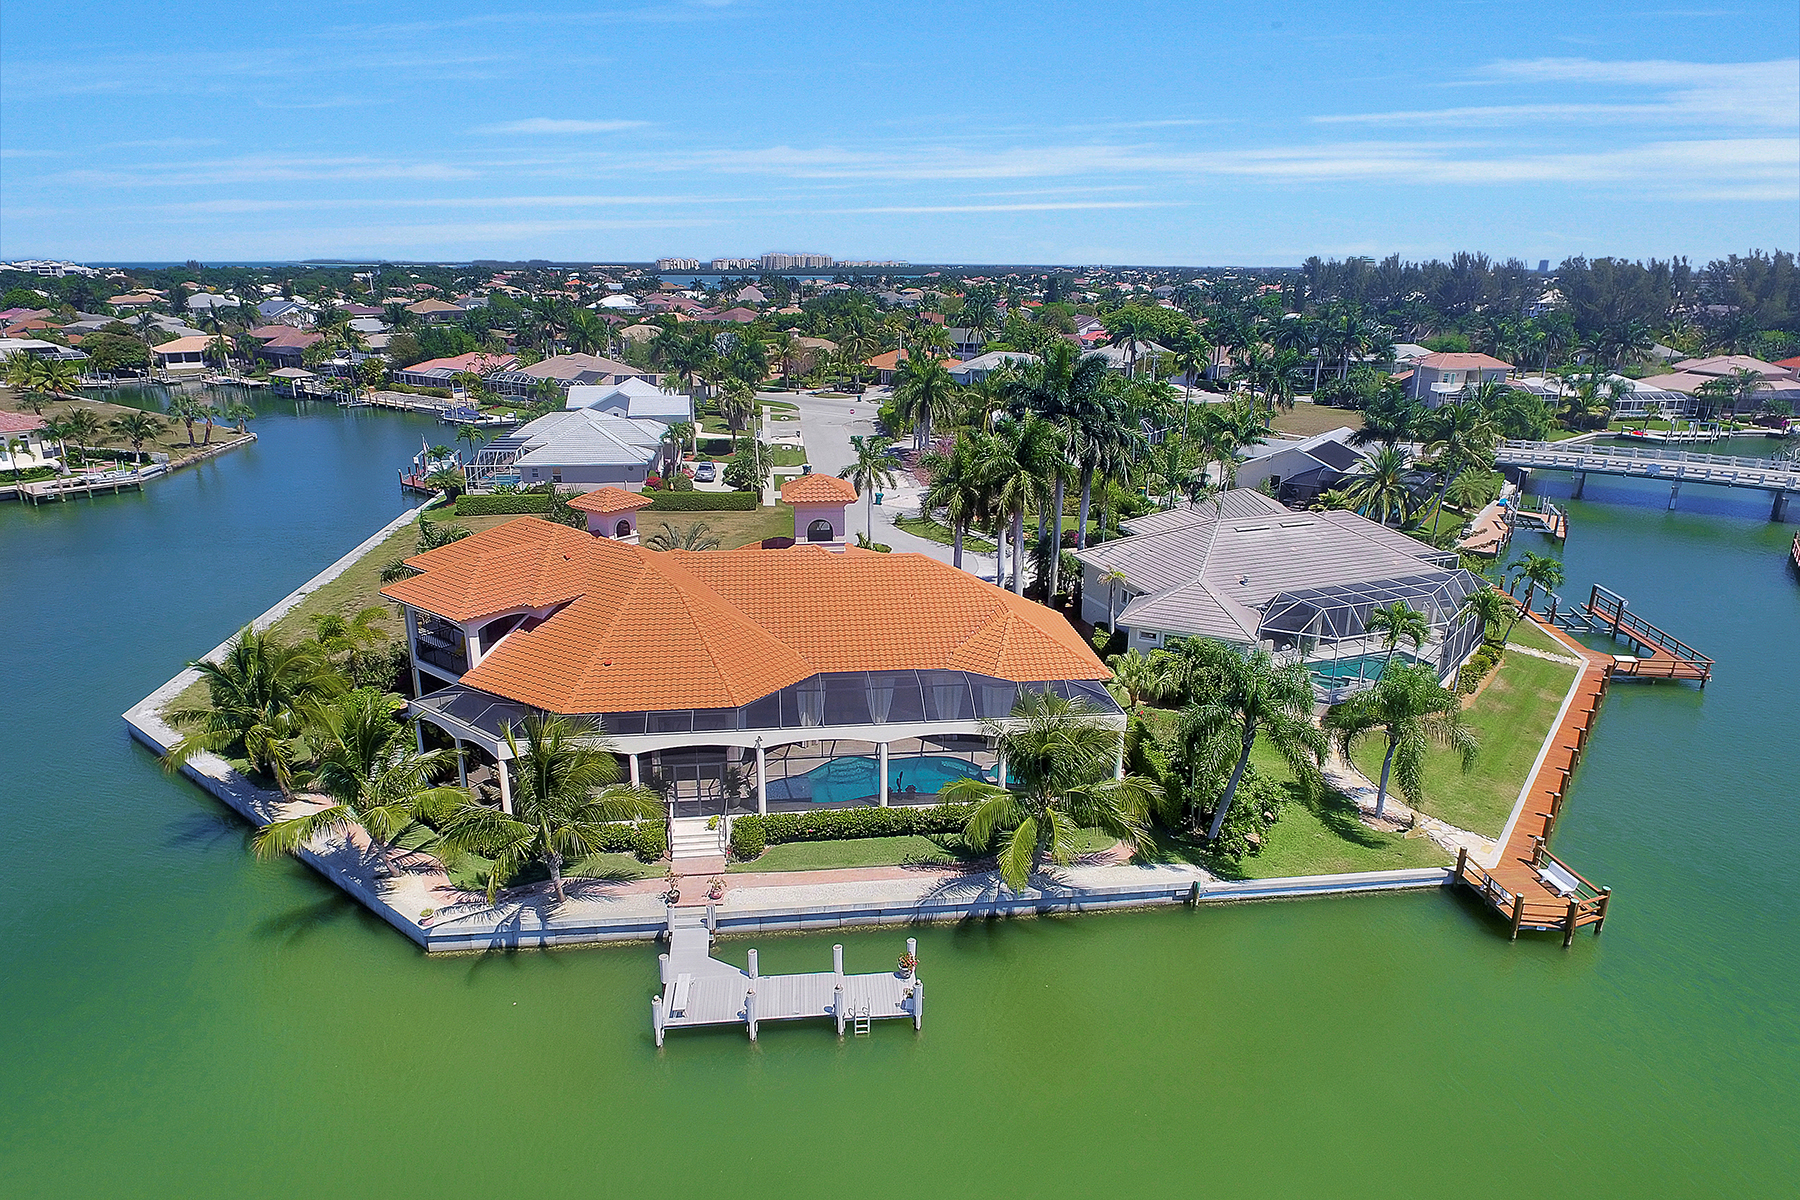 Moradia para Venda às MARCO ISLAND 510 Mangrove Ct Marco Island, Florida, 34145 Estados Unidos